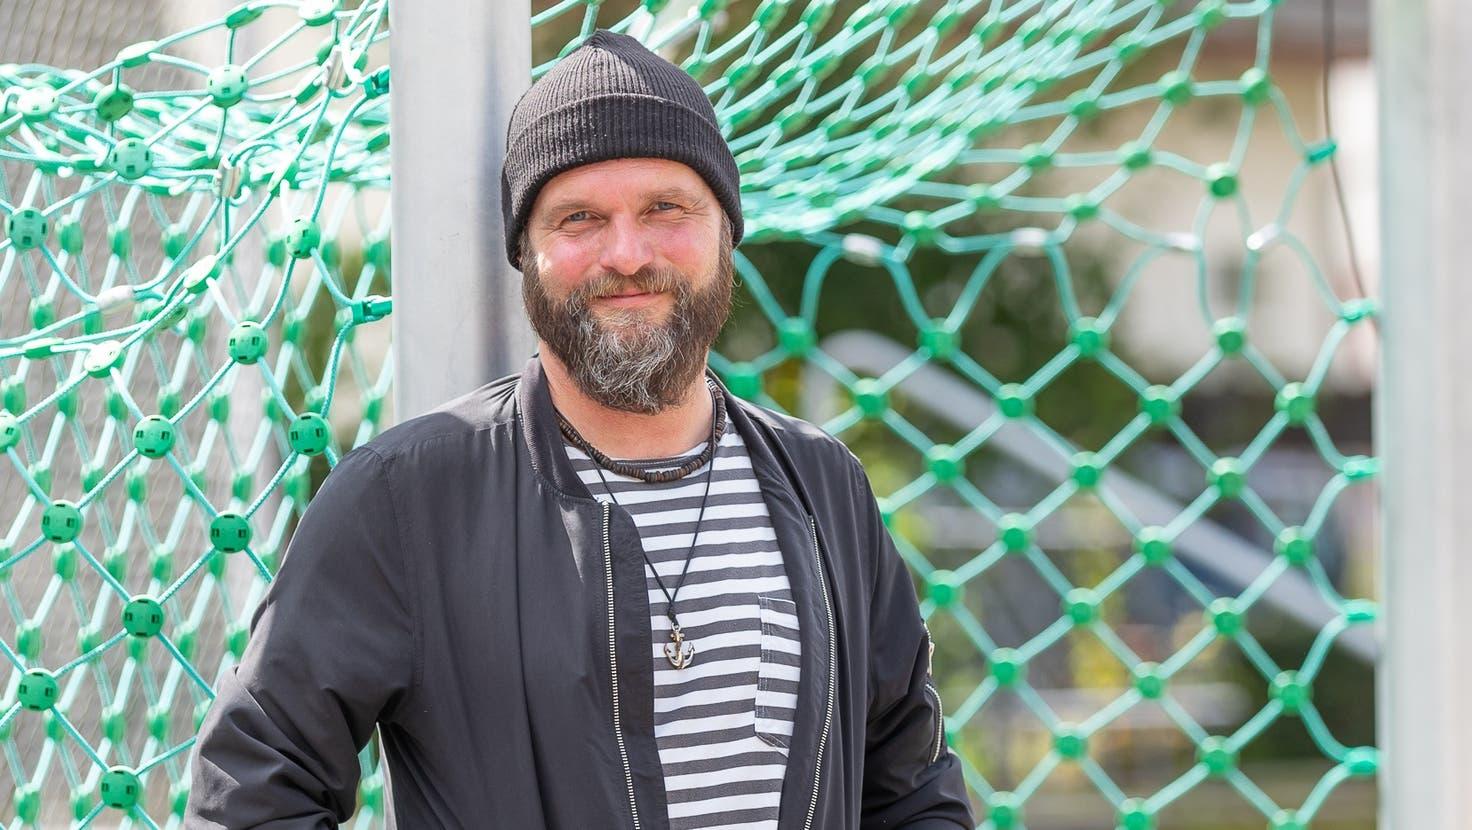 Reto Fischer, der Fussballfan, wollte das Fotoshooting mit der AZ anlässlich seiner Kandidatur standesgemäss vor einem Goal abhalten. (Fabio Baranzini)